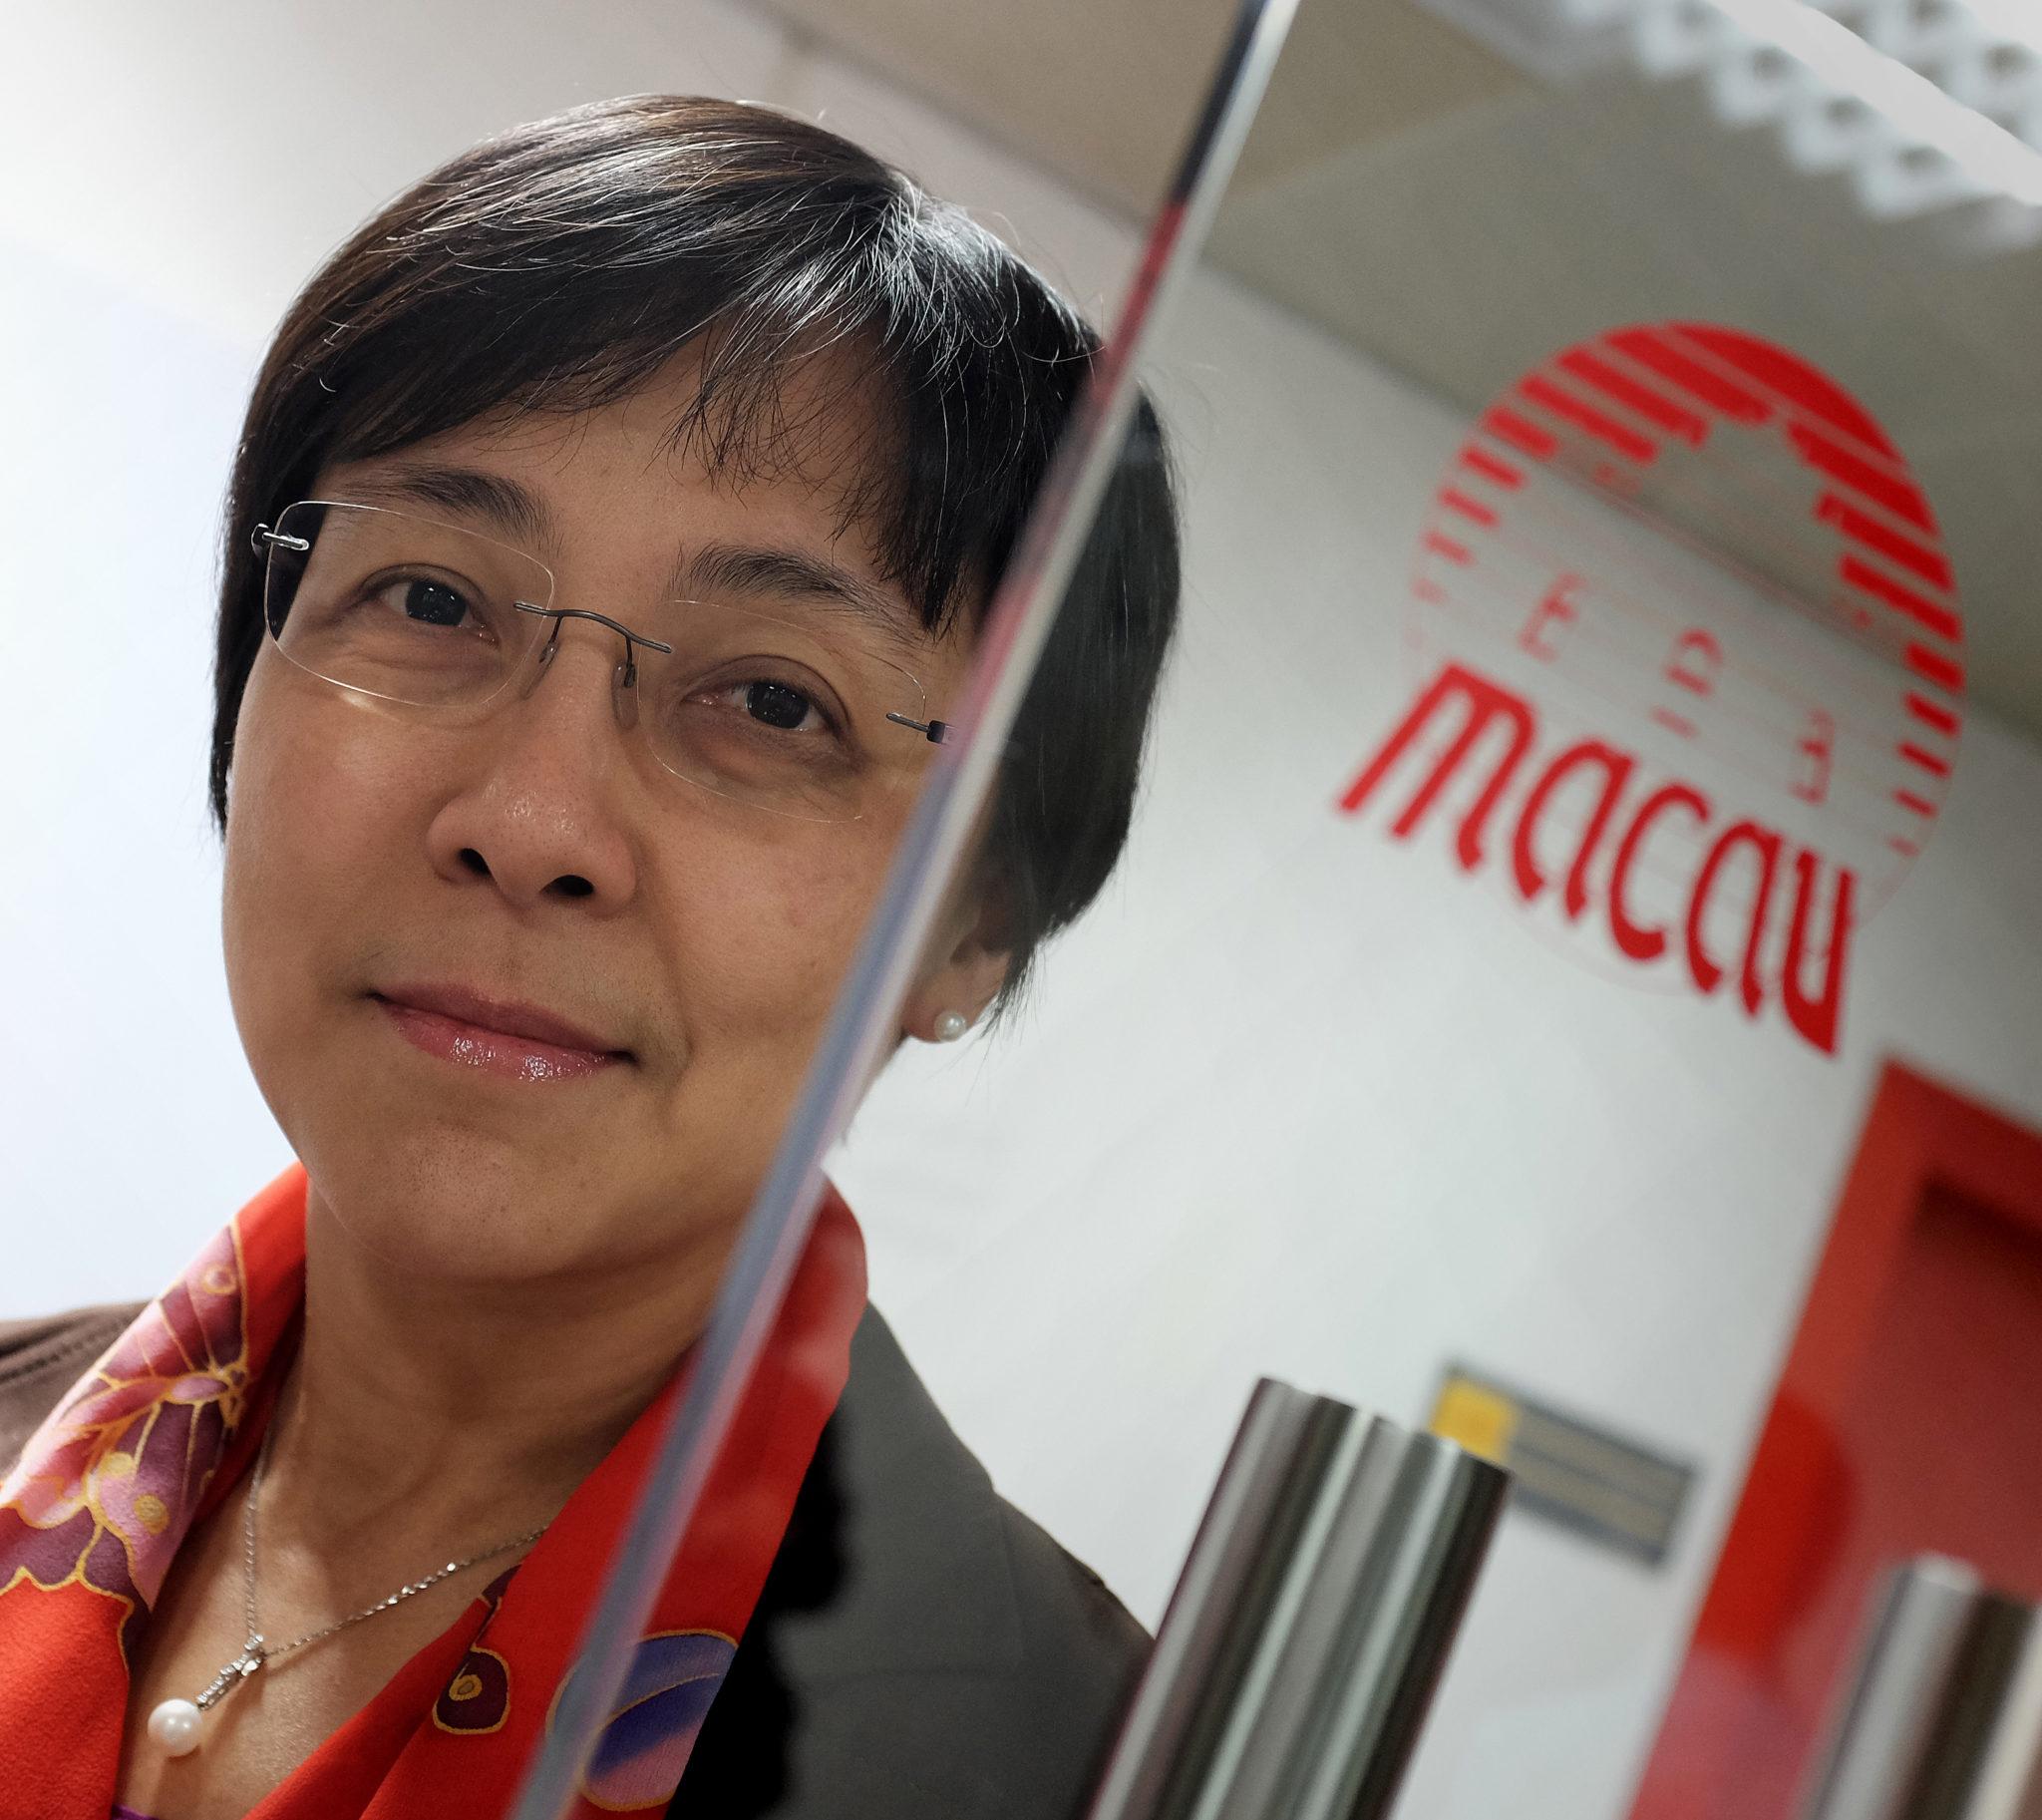 Passaporte de vacinação pode ajudar turismo, diz Helena de Senna Fernandes